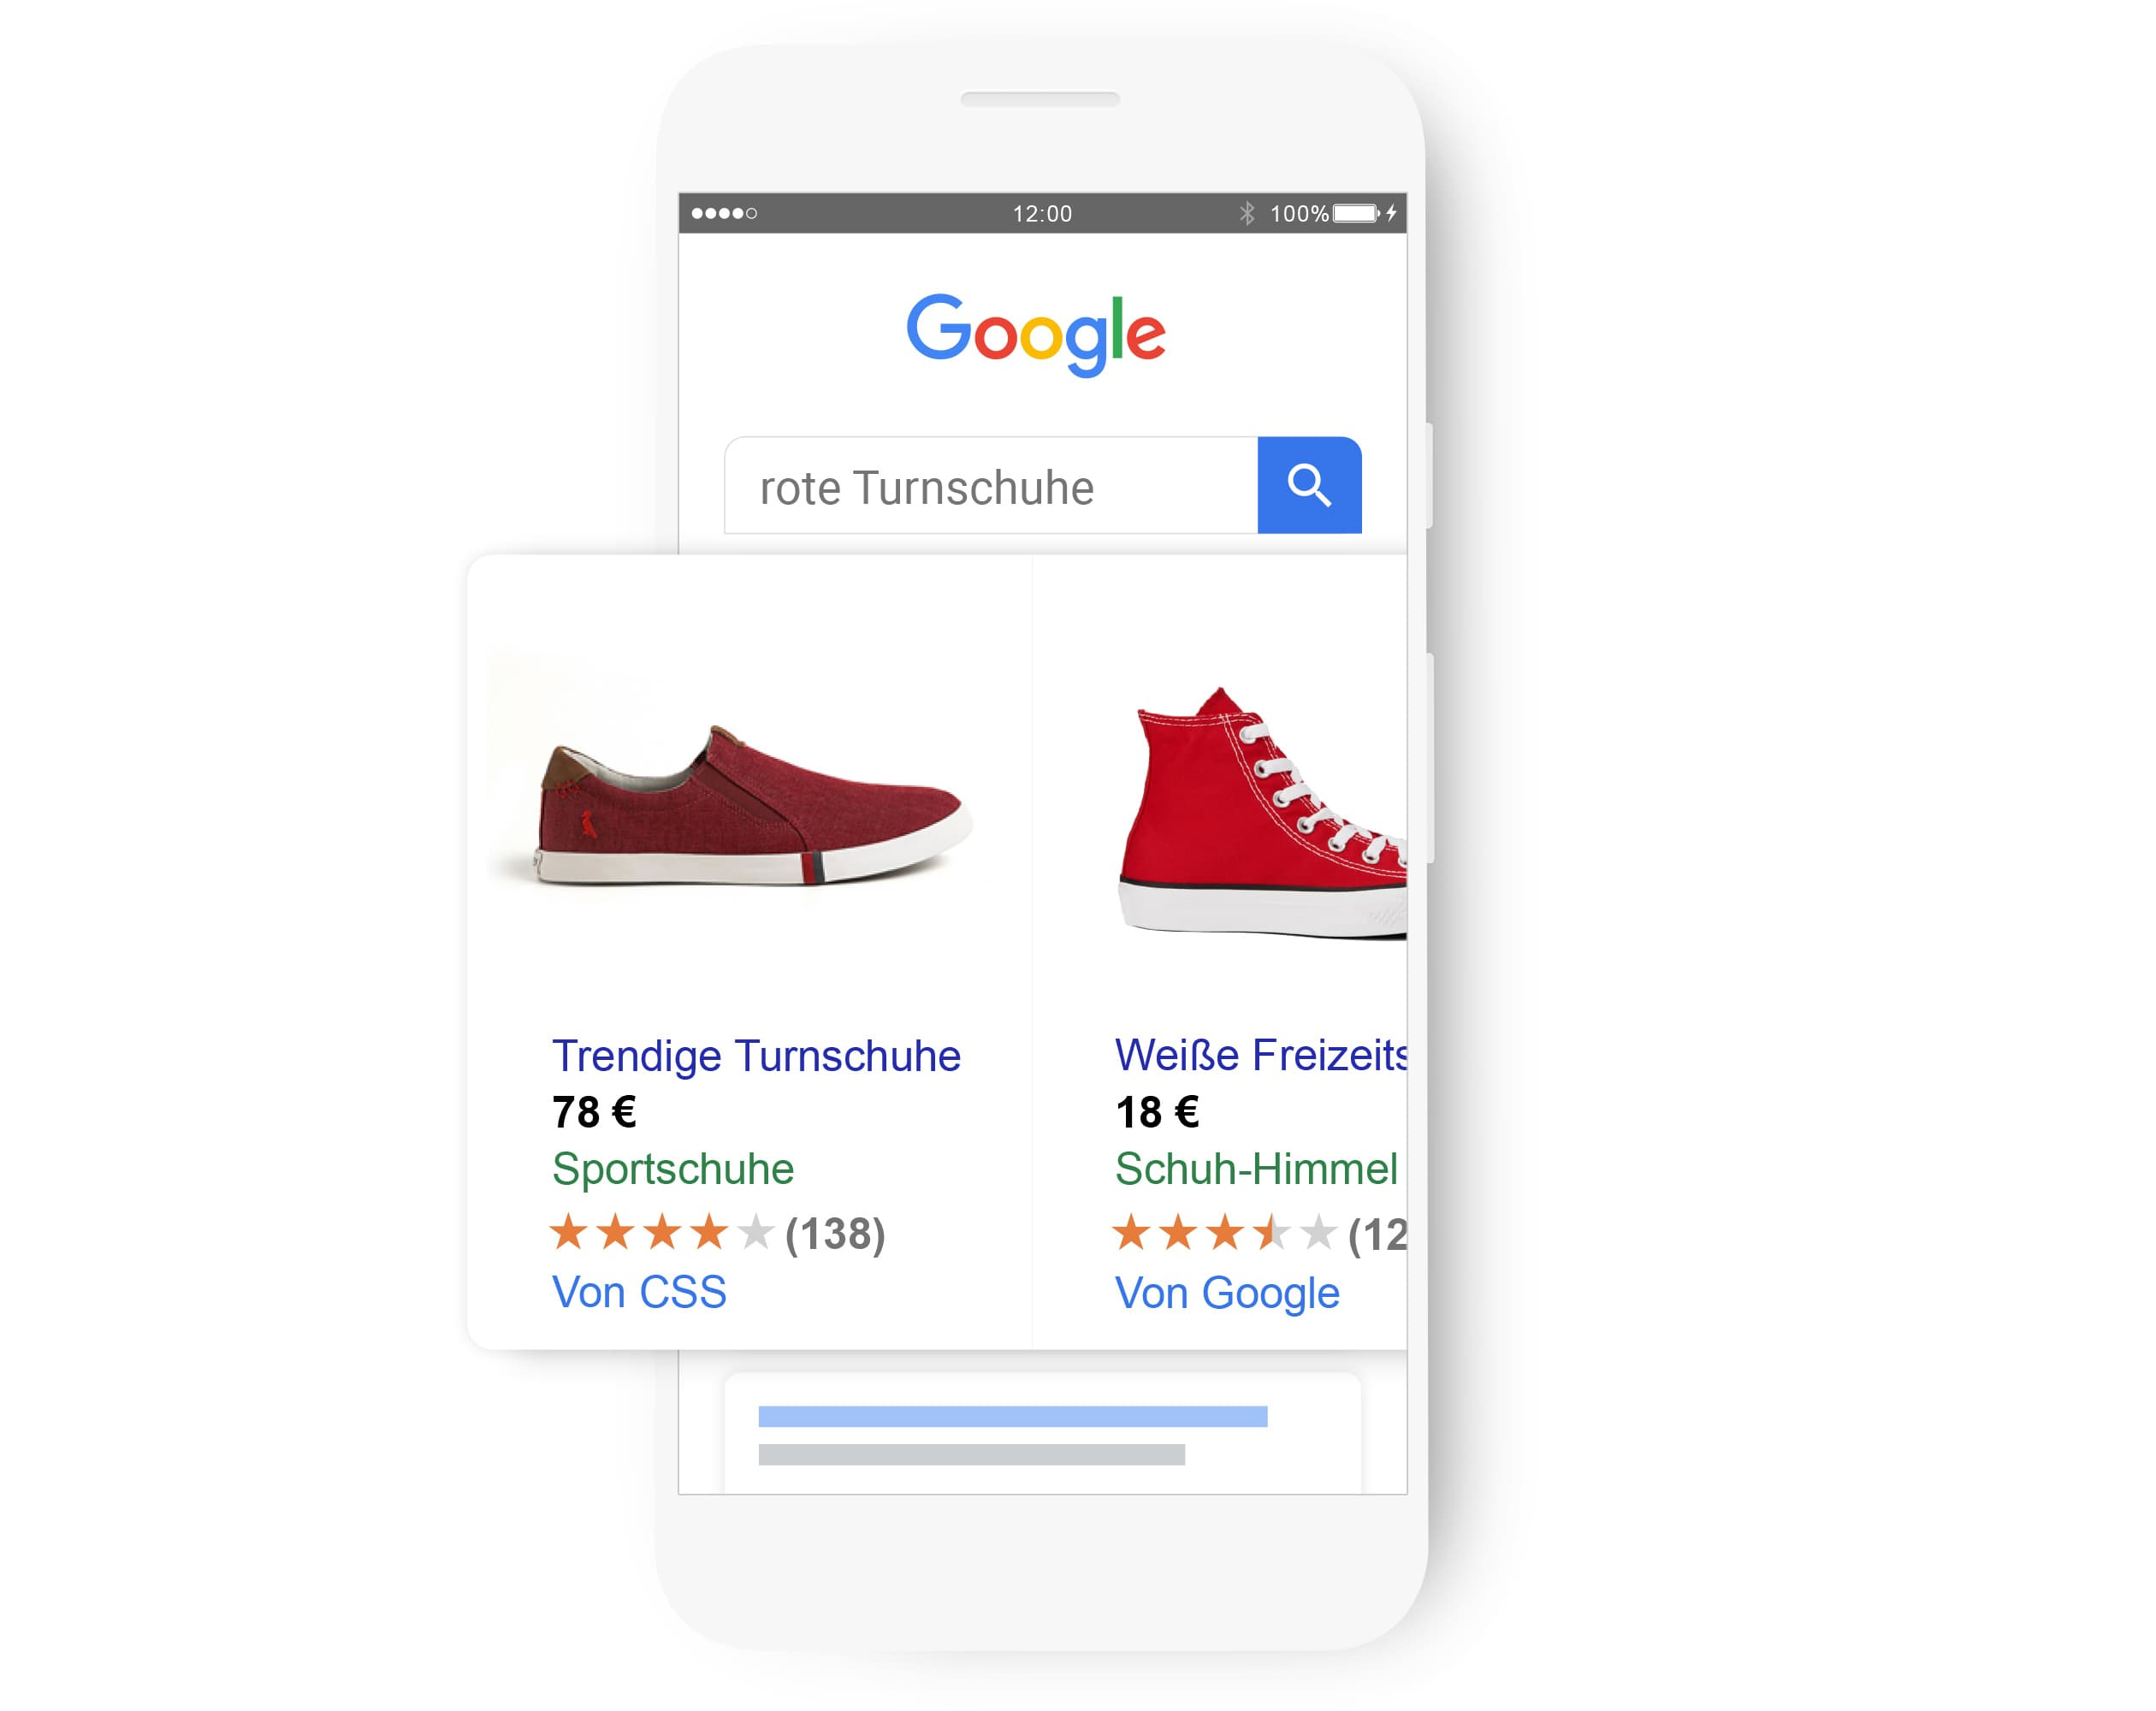 """Bei der Suche nach """"stylishe Turnschuhe"""" wird eine relevante Shopping-Anzeige präsentiert."""